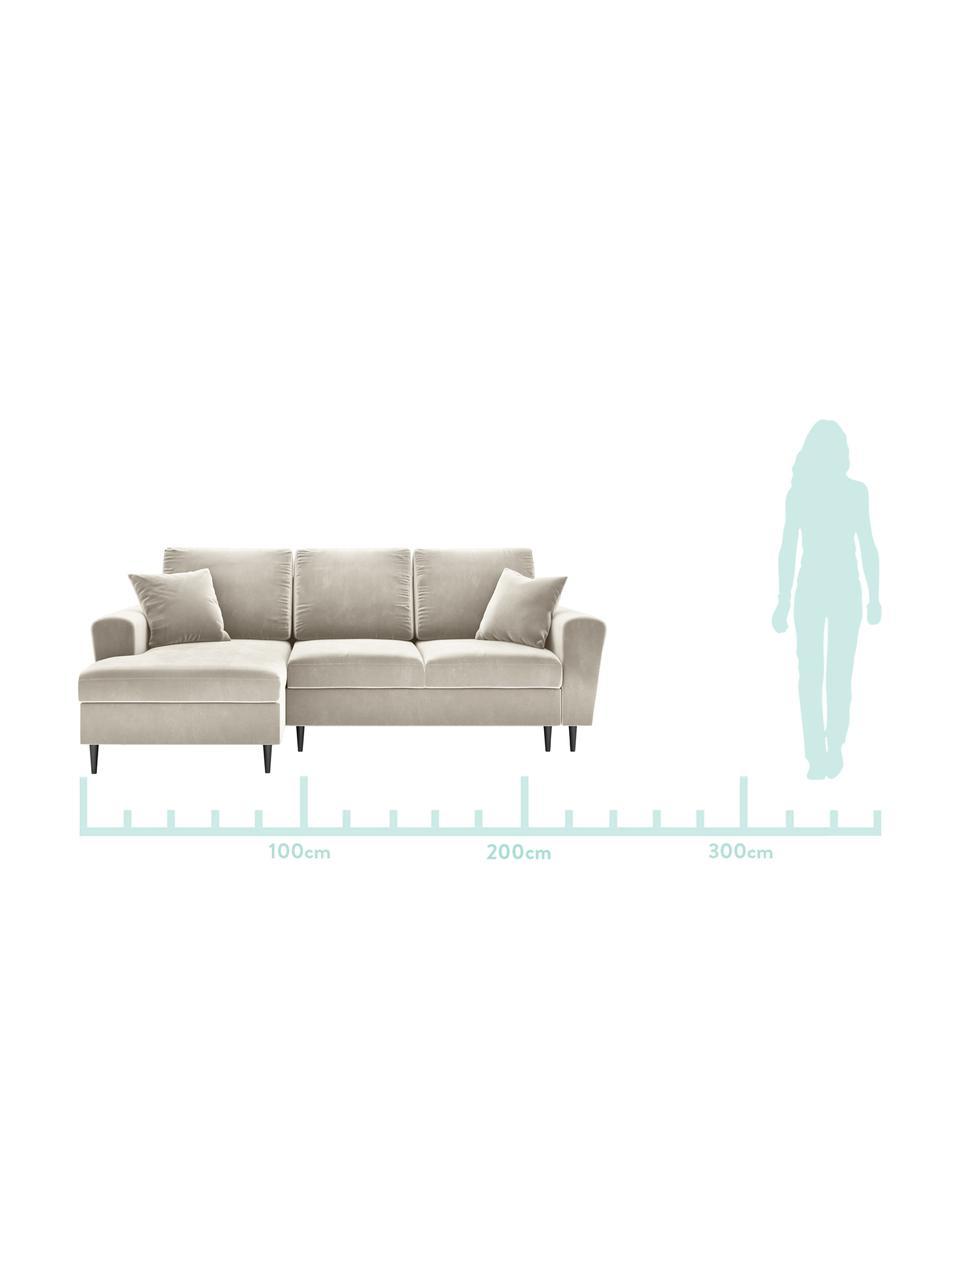 Sofa narożna z funkcją spania z miejscem do przechowywania Moghan (4-osobowa), Tapicerka: aksamit poliestrowy Dzięk, Stelaż: lite drewno sosnowe, skle, Nogi: metal lakierowany, Beżowy, S 236 x G 145 cm (lewostronna)